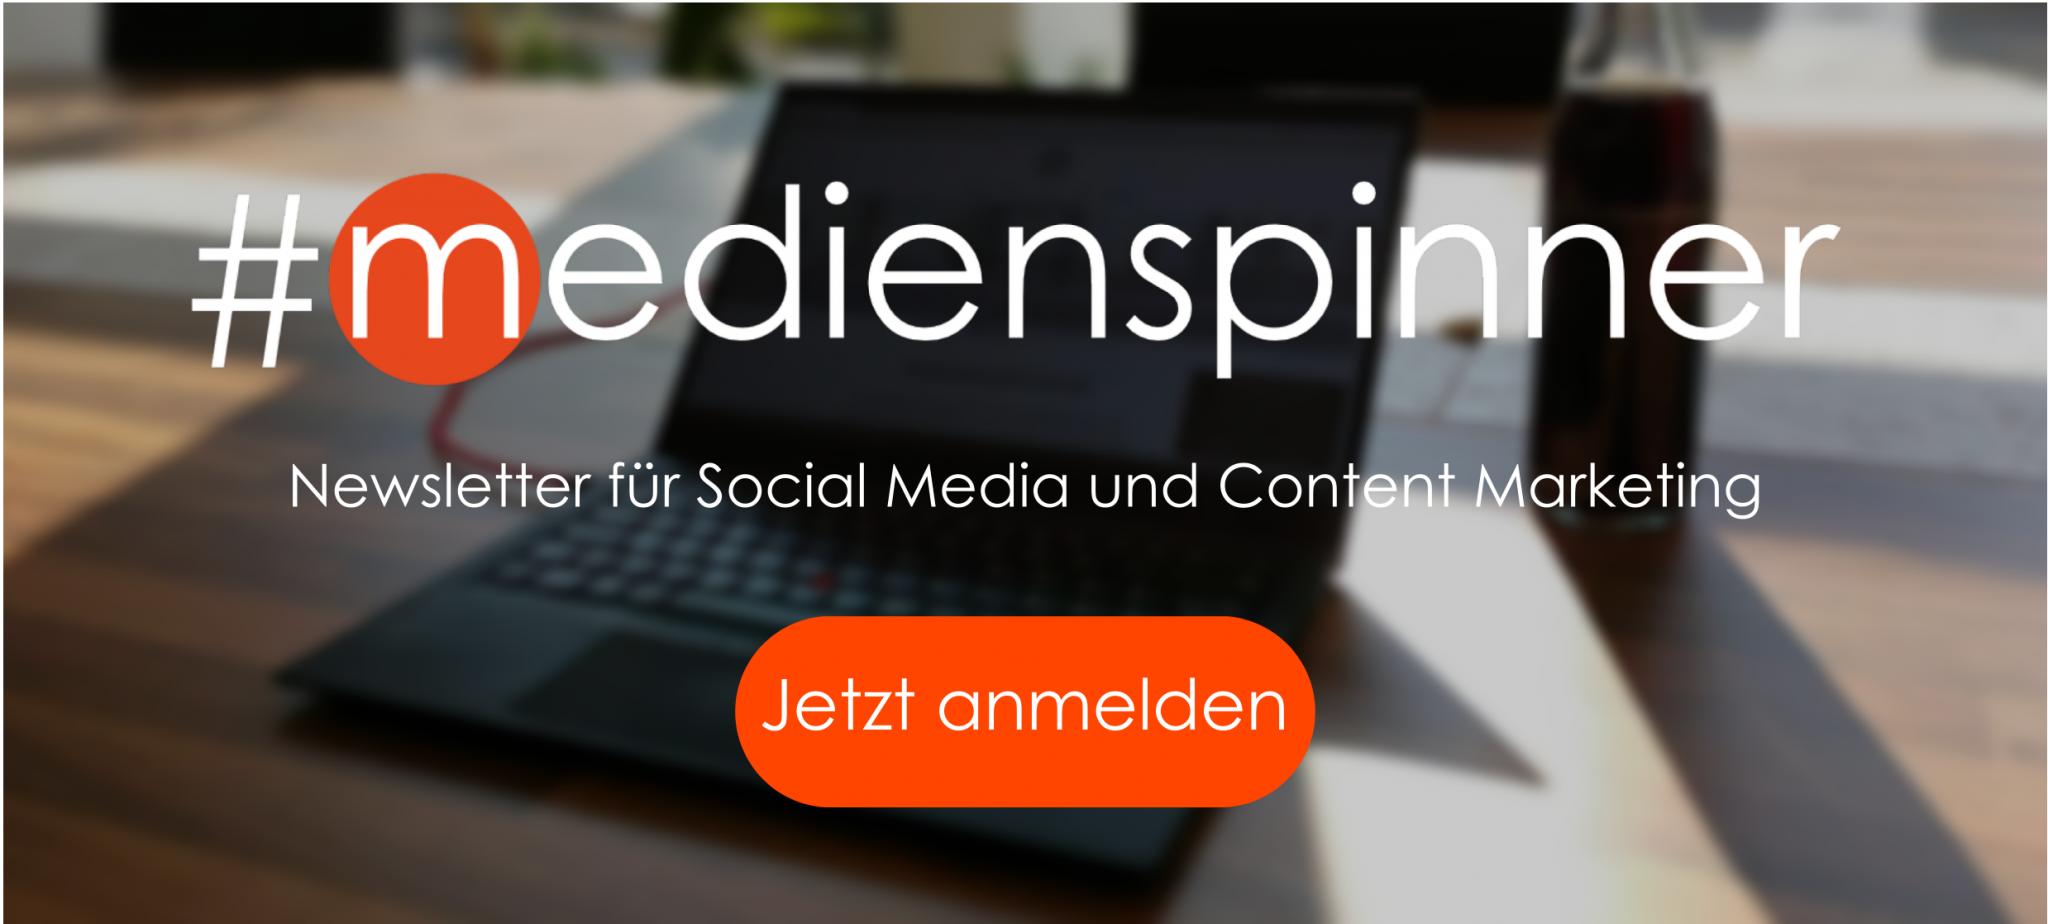 #medienspinner Newsletter für Social Media und Content Marketing